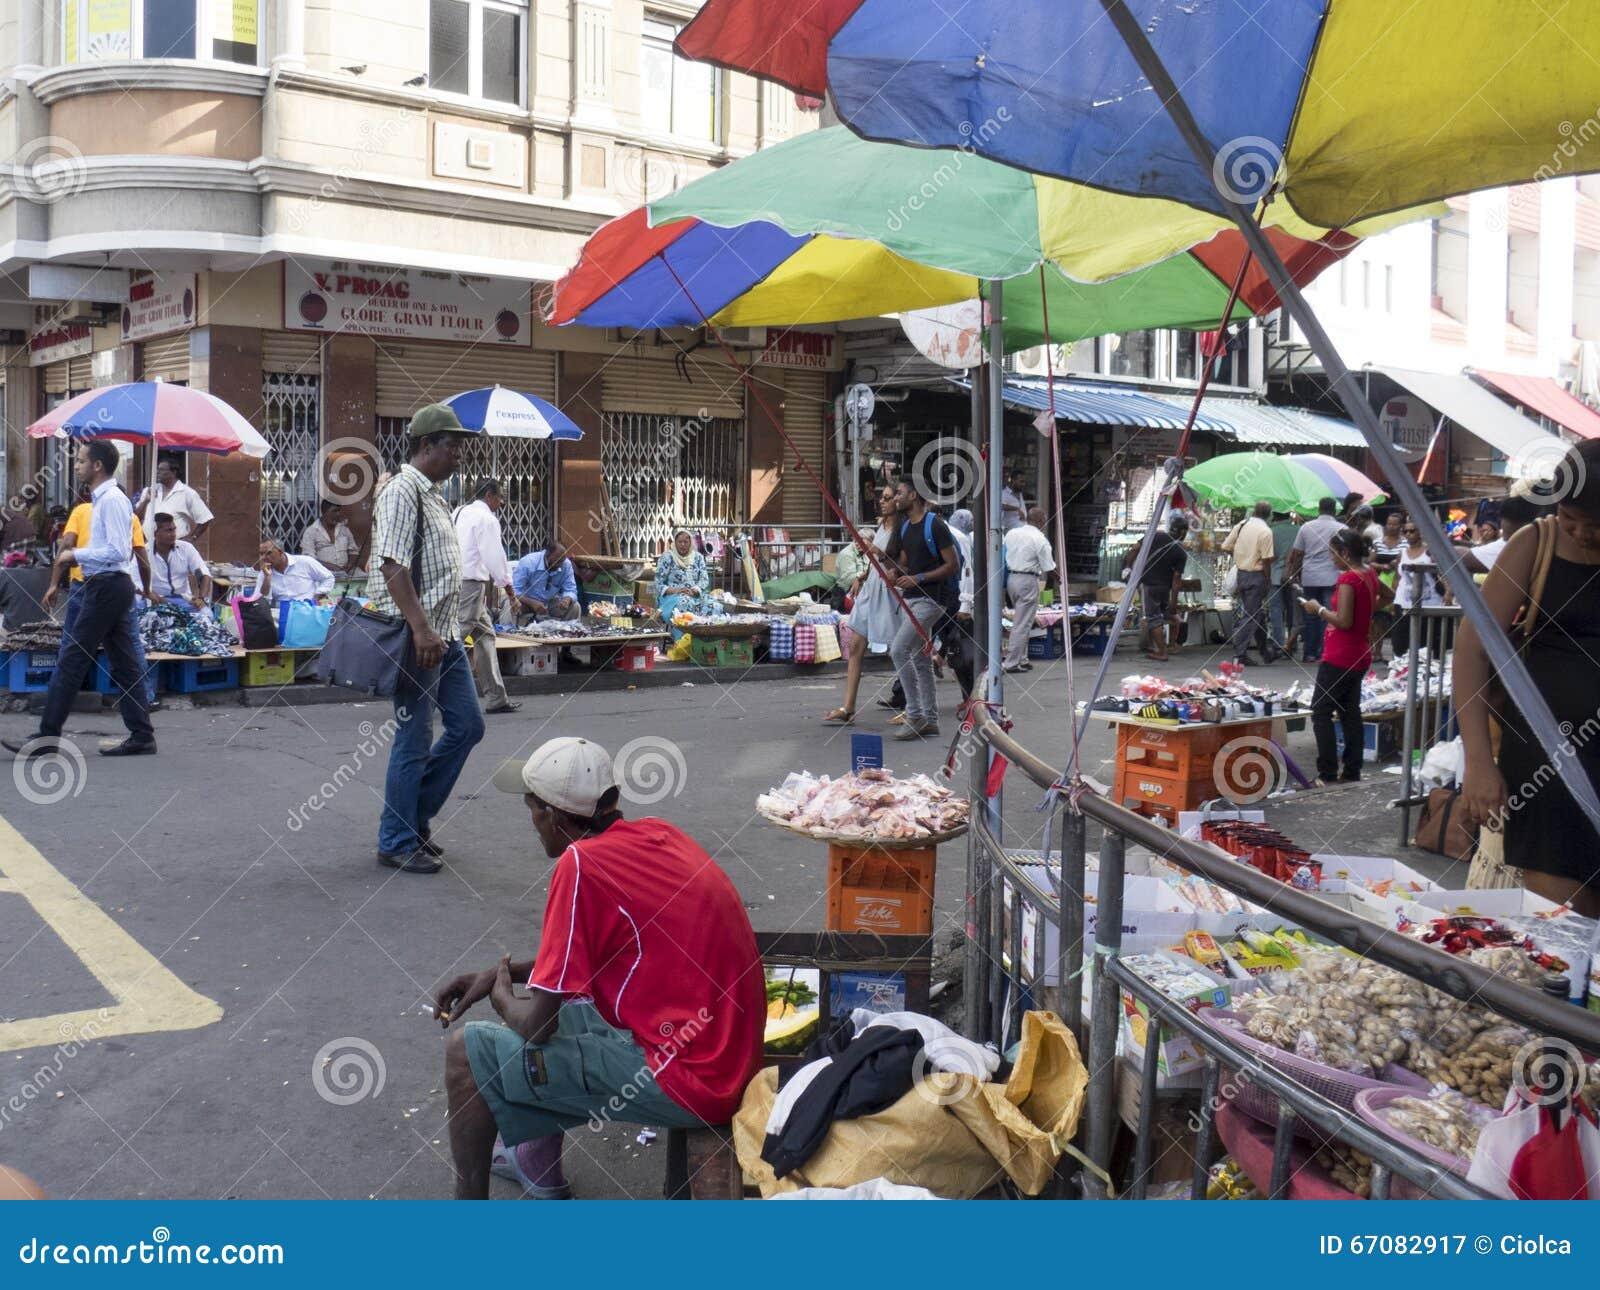 Market in port louis mauritius editorial photography image 67082917 - Mauritius market port louis ...